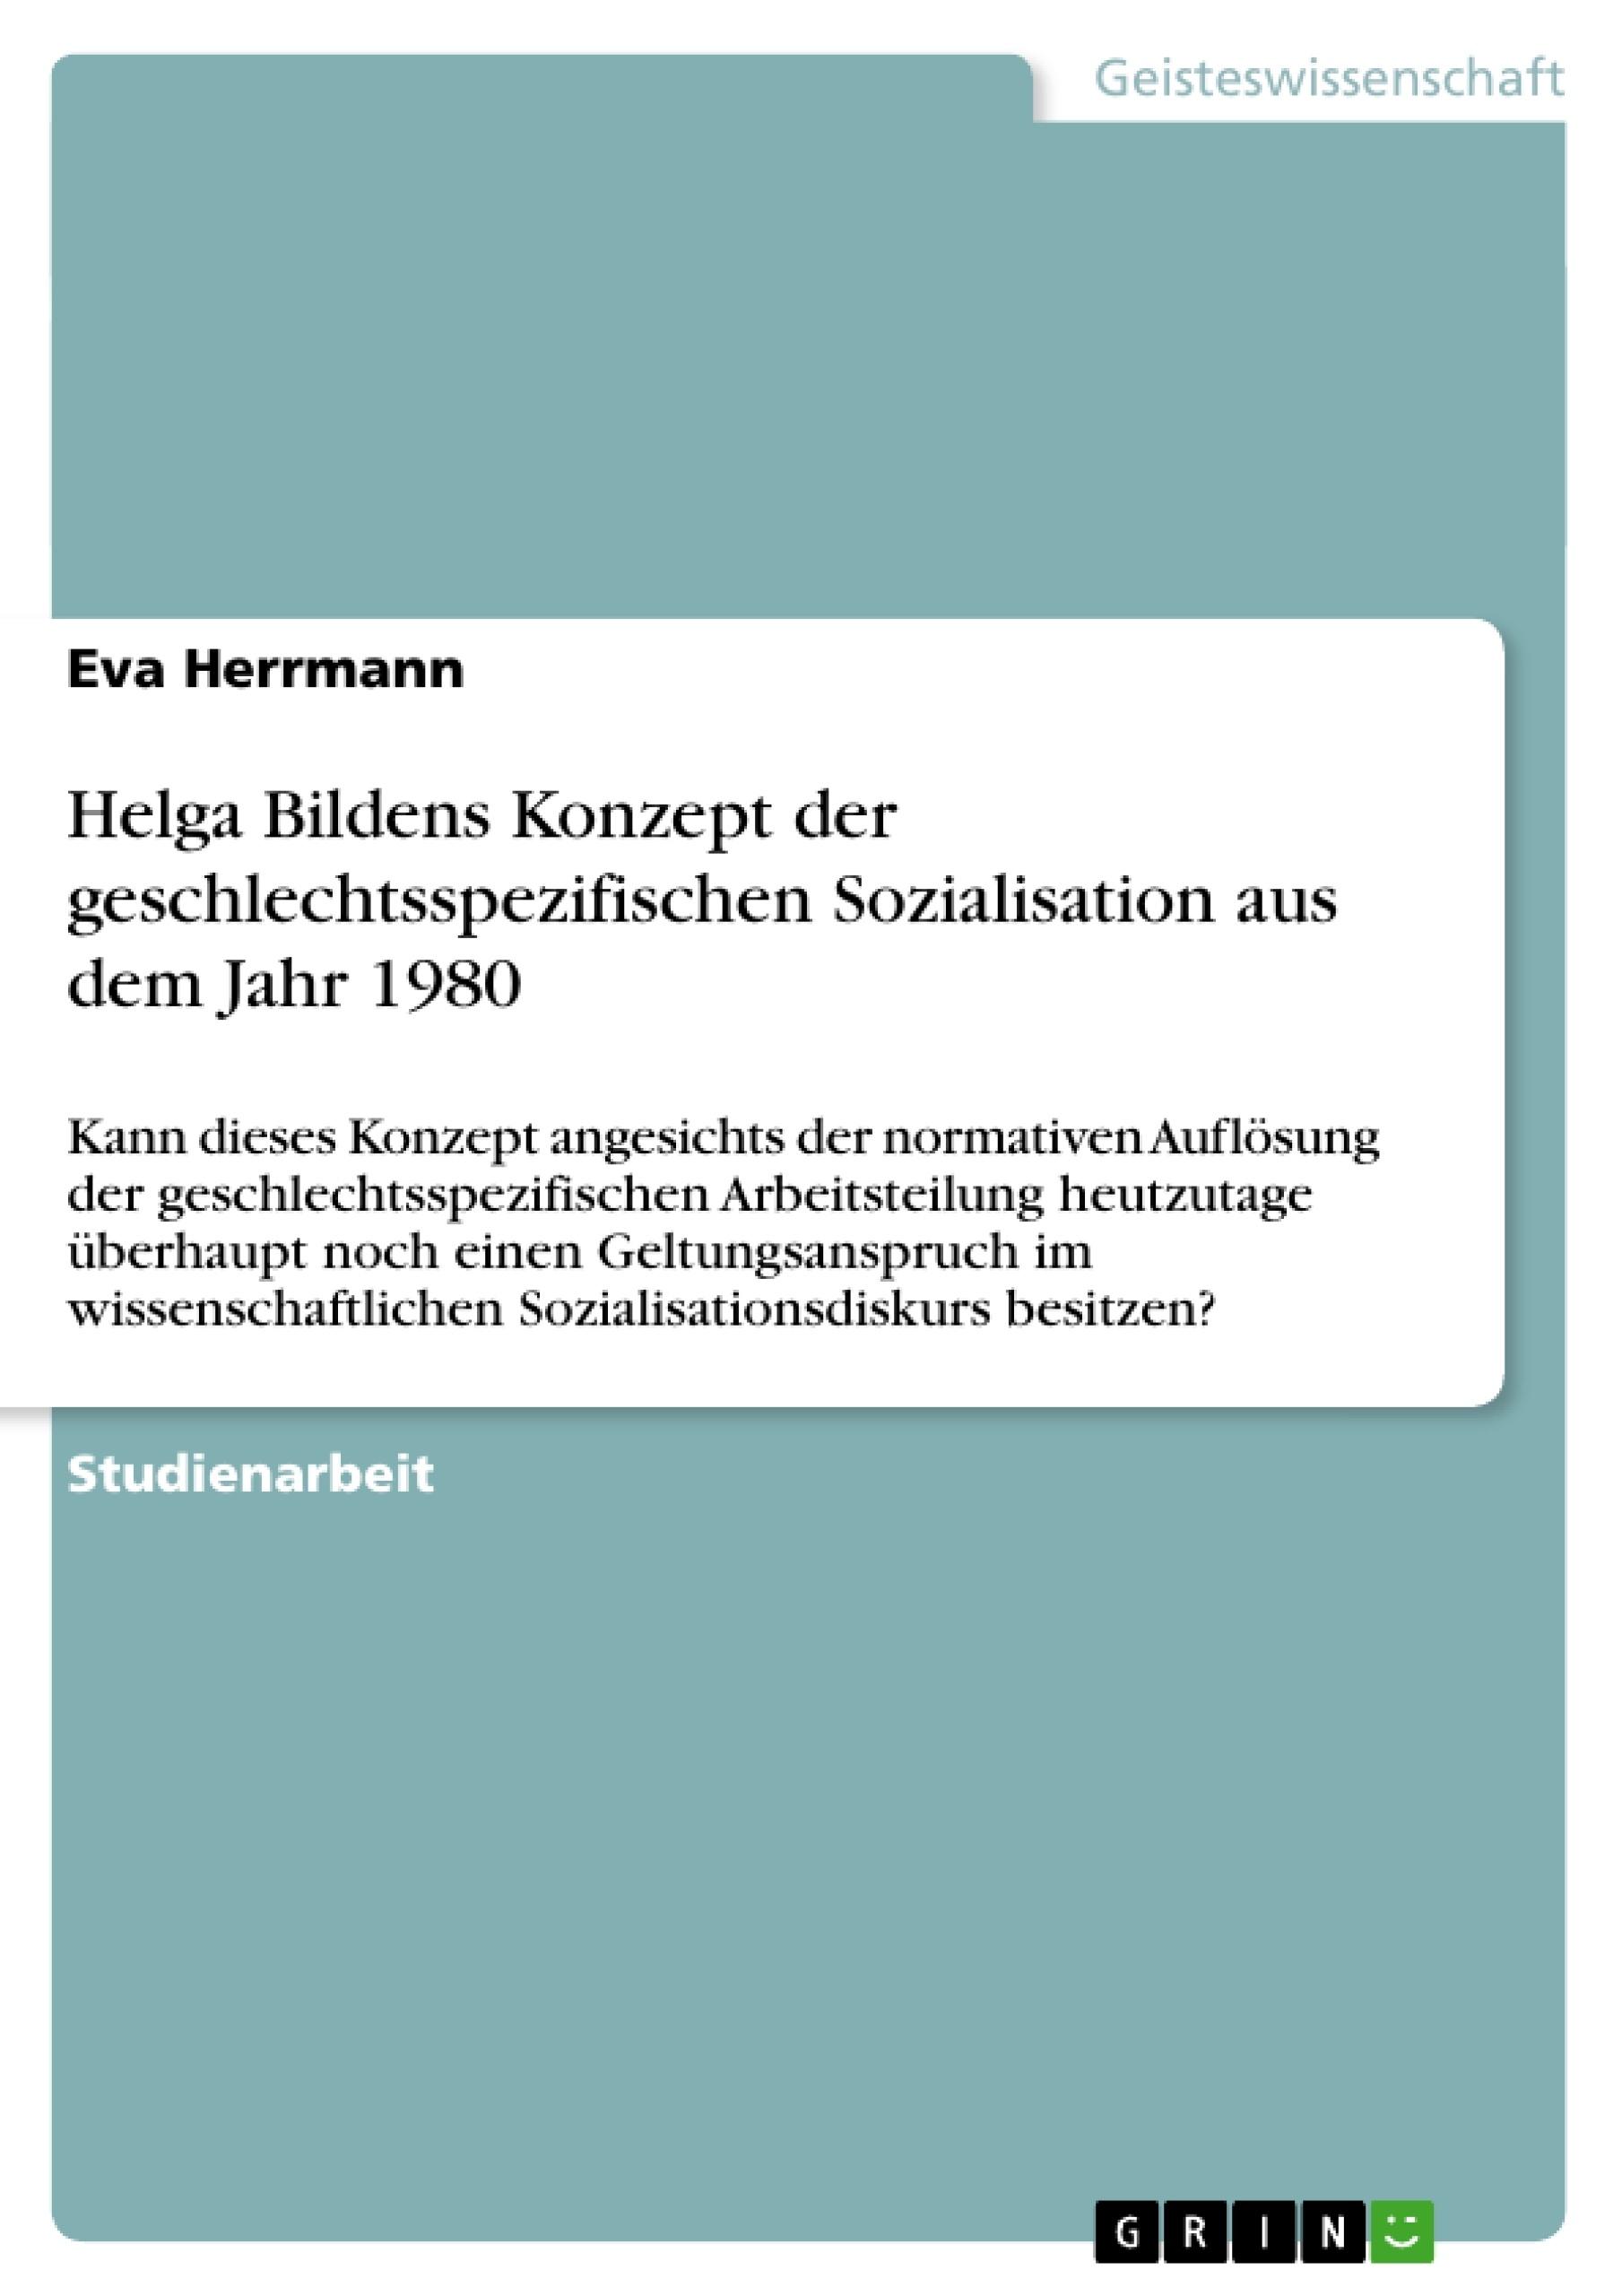 Titel: Helga Bildens Konzept der geschlechtsspezifischen Sozialisation aus dem Jahr 1980